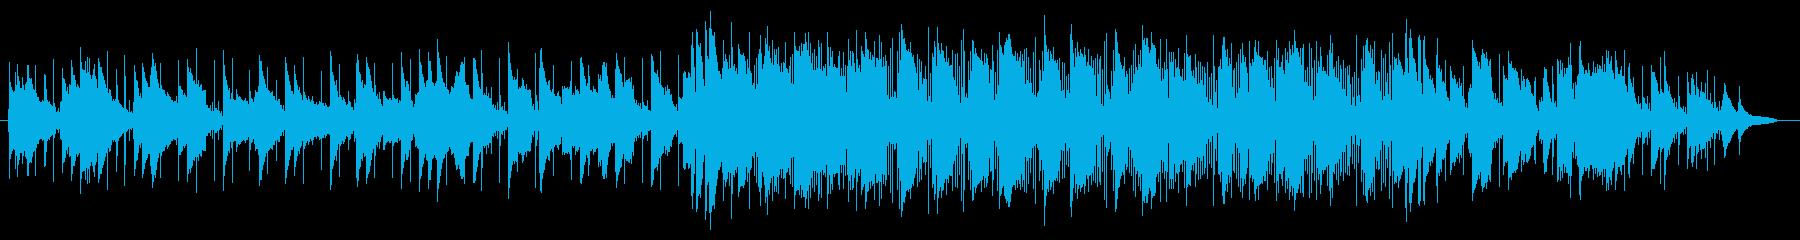 ゆったり明るめのメロディーのリコーダー曲の再生済みの波形